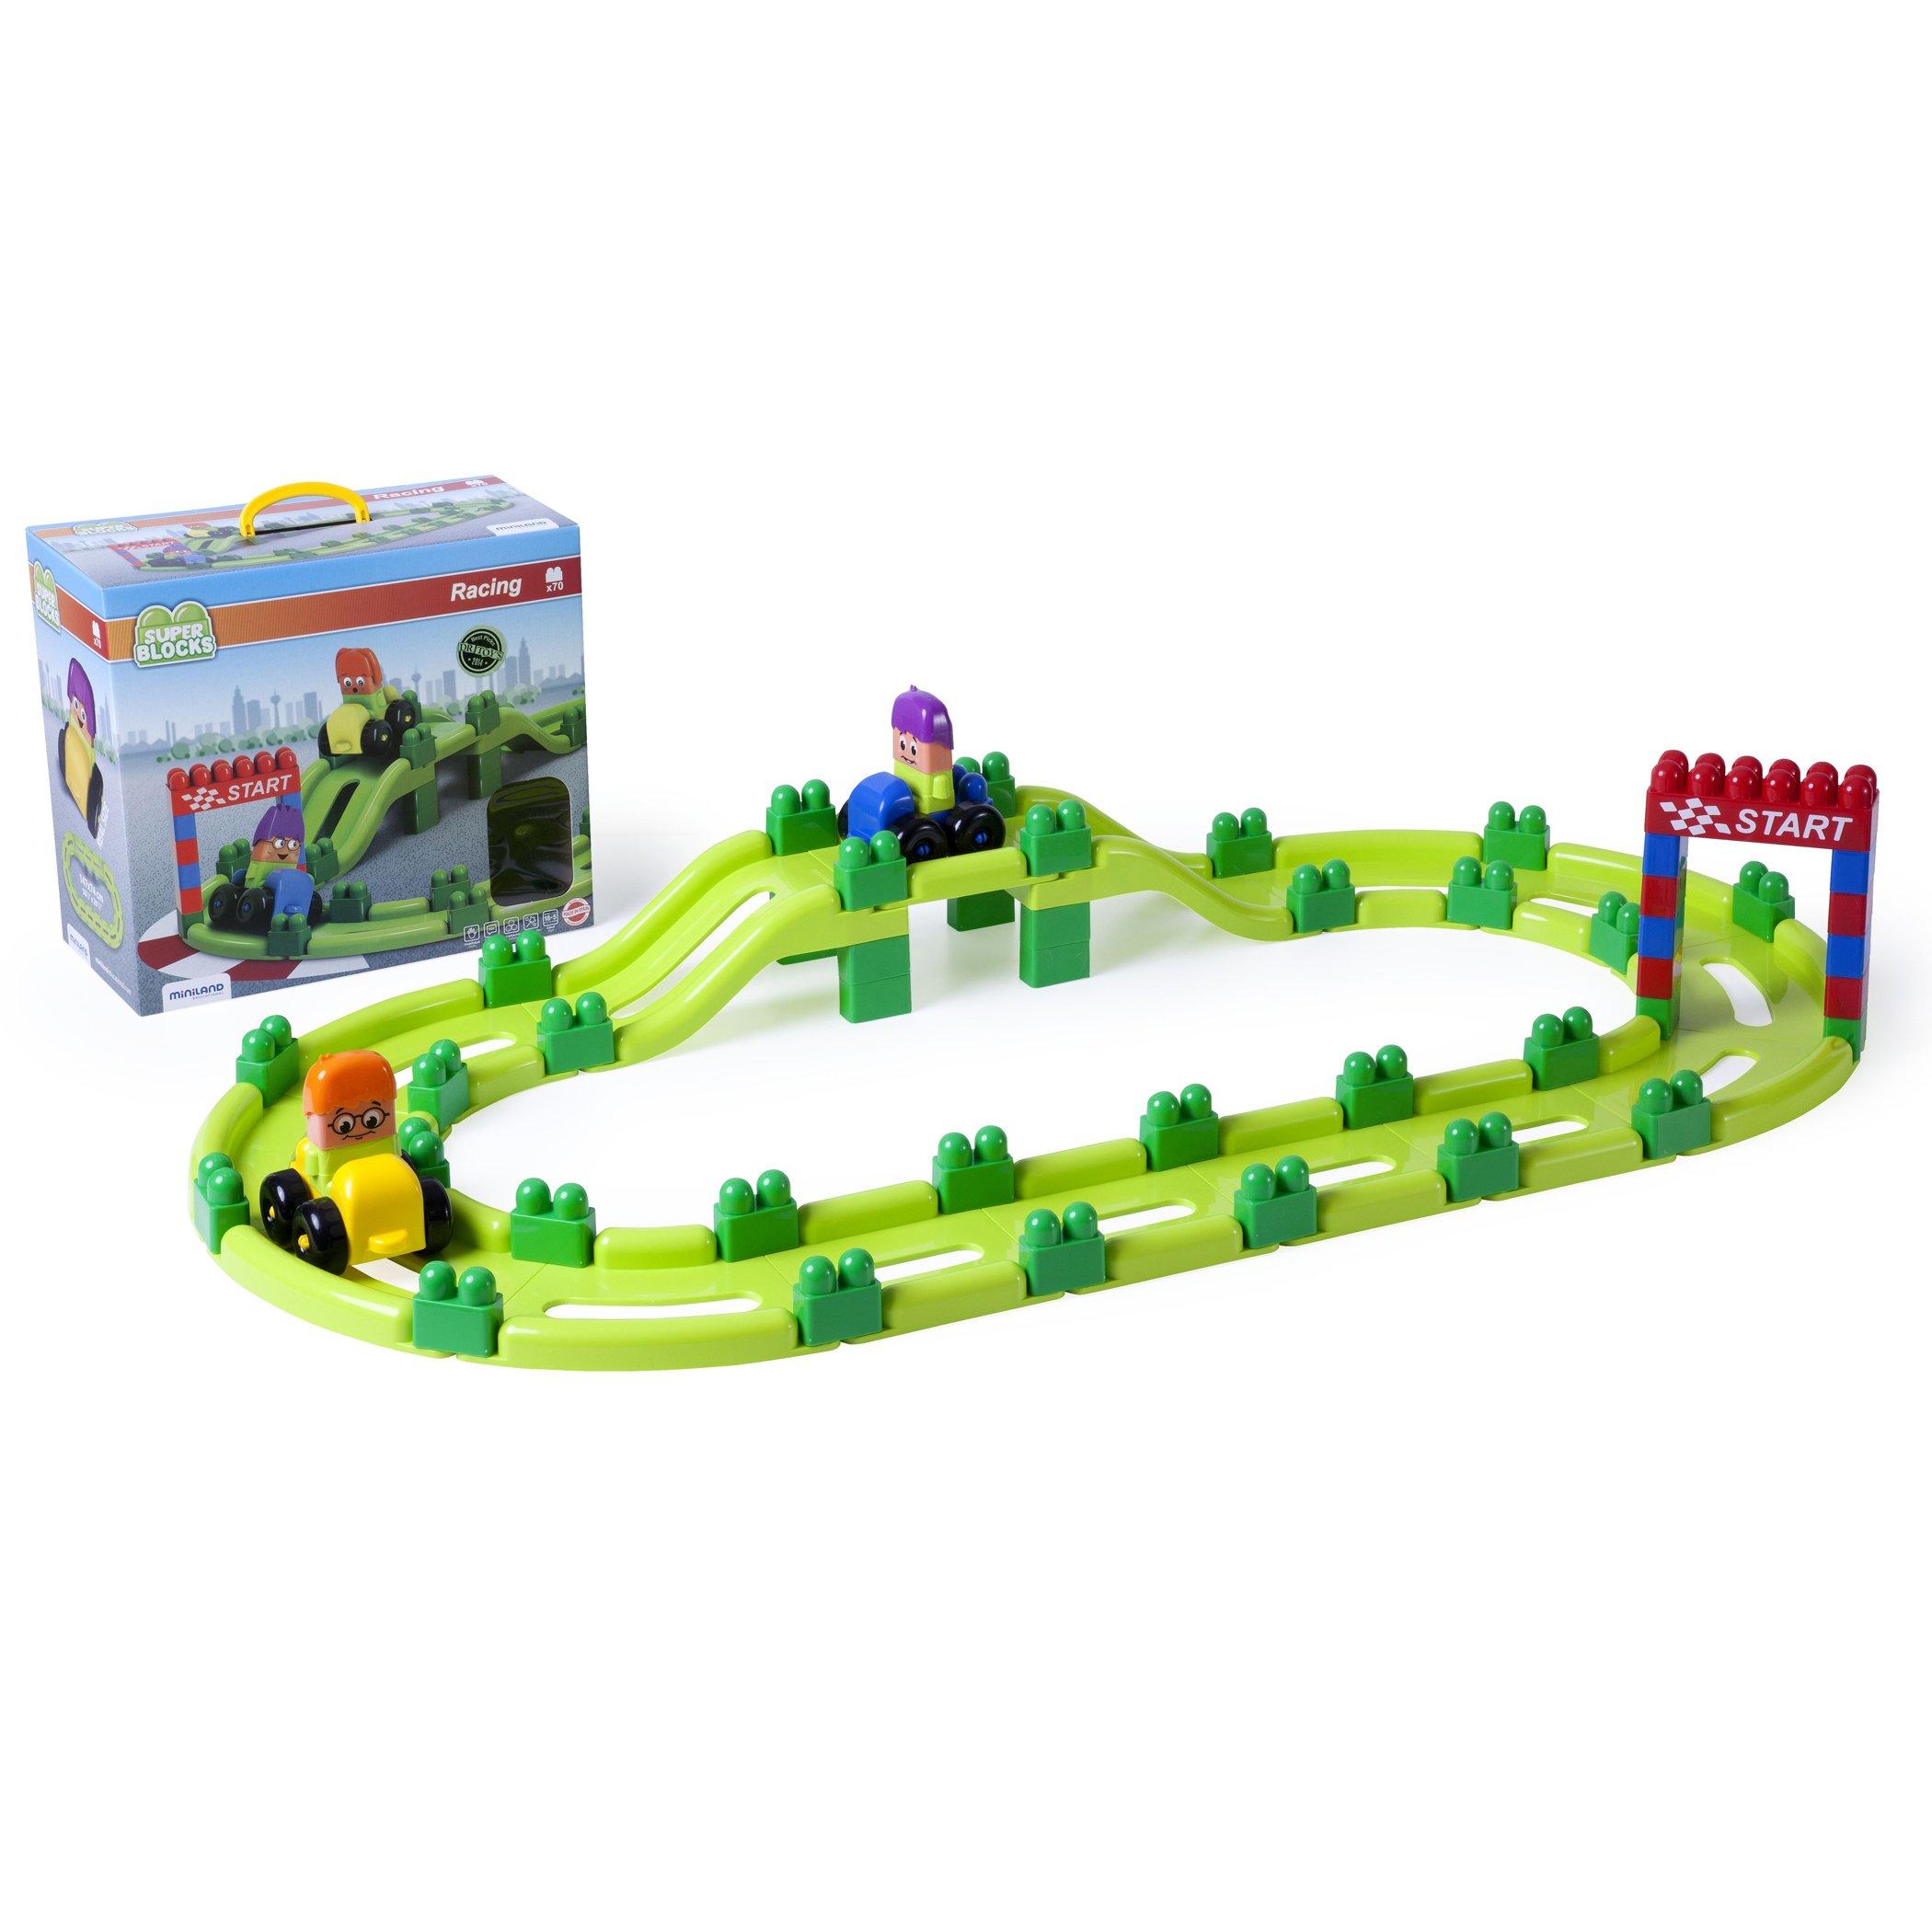 Miniland Super Blocks Set - Racing